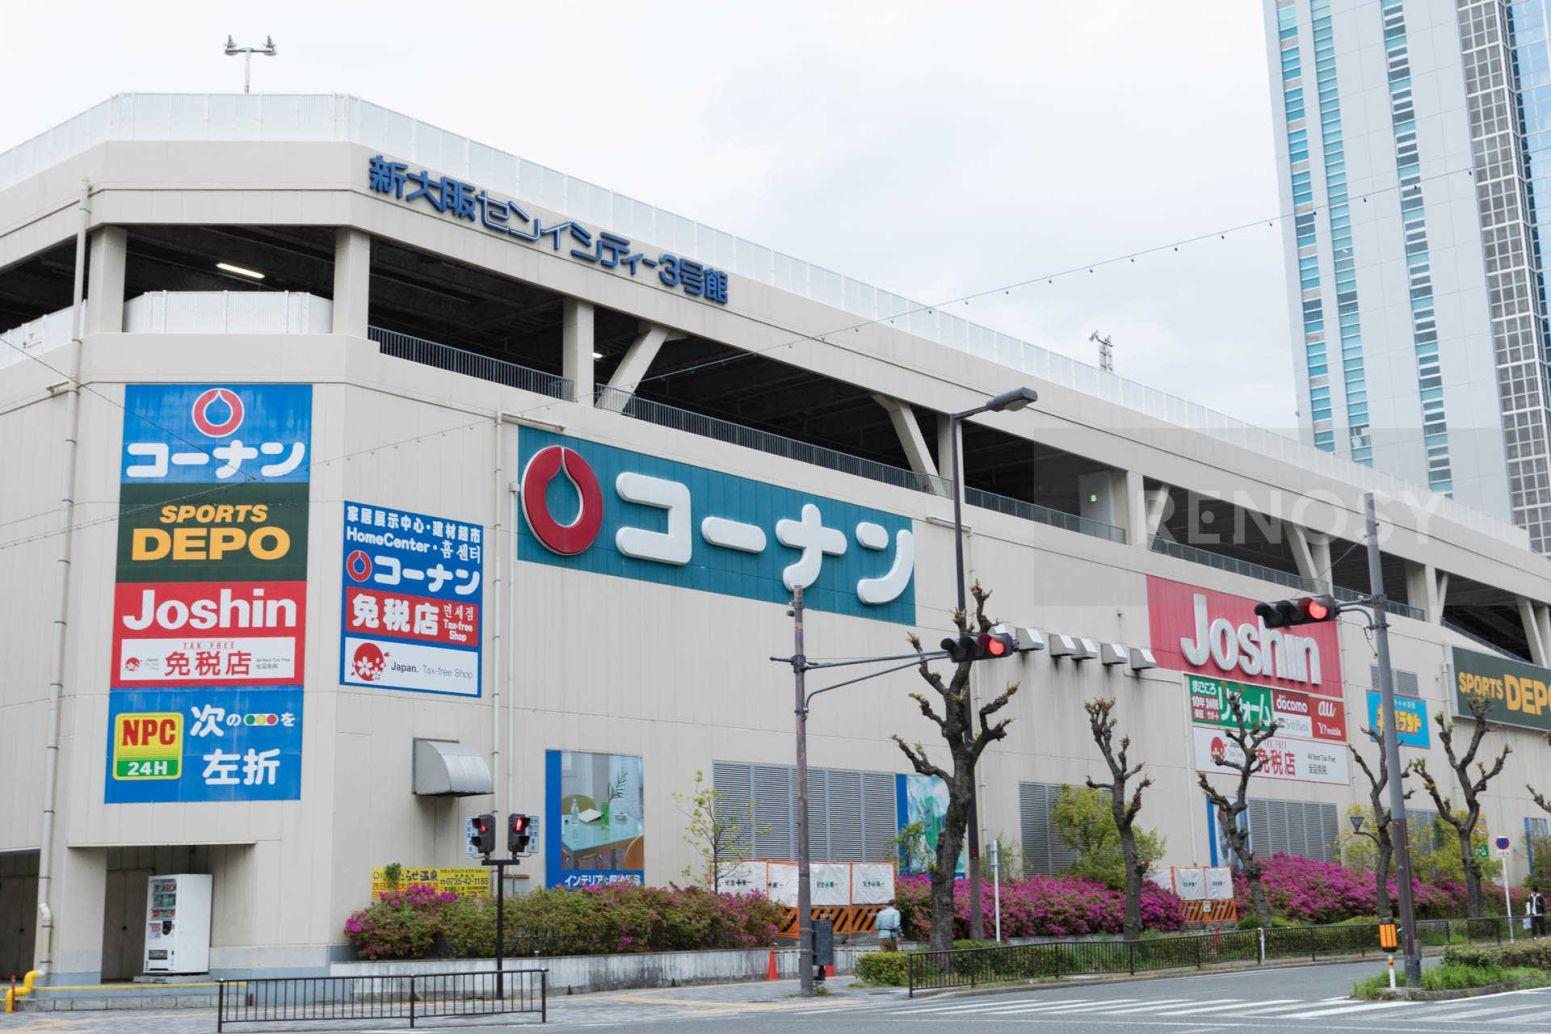 新大阪ウィスト